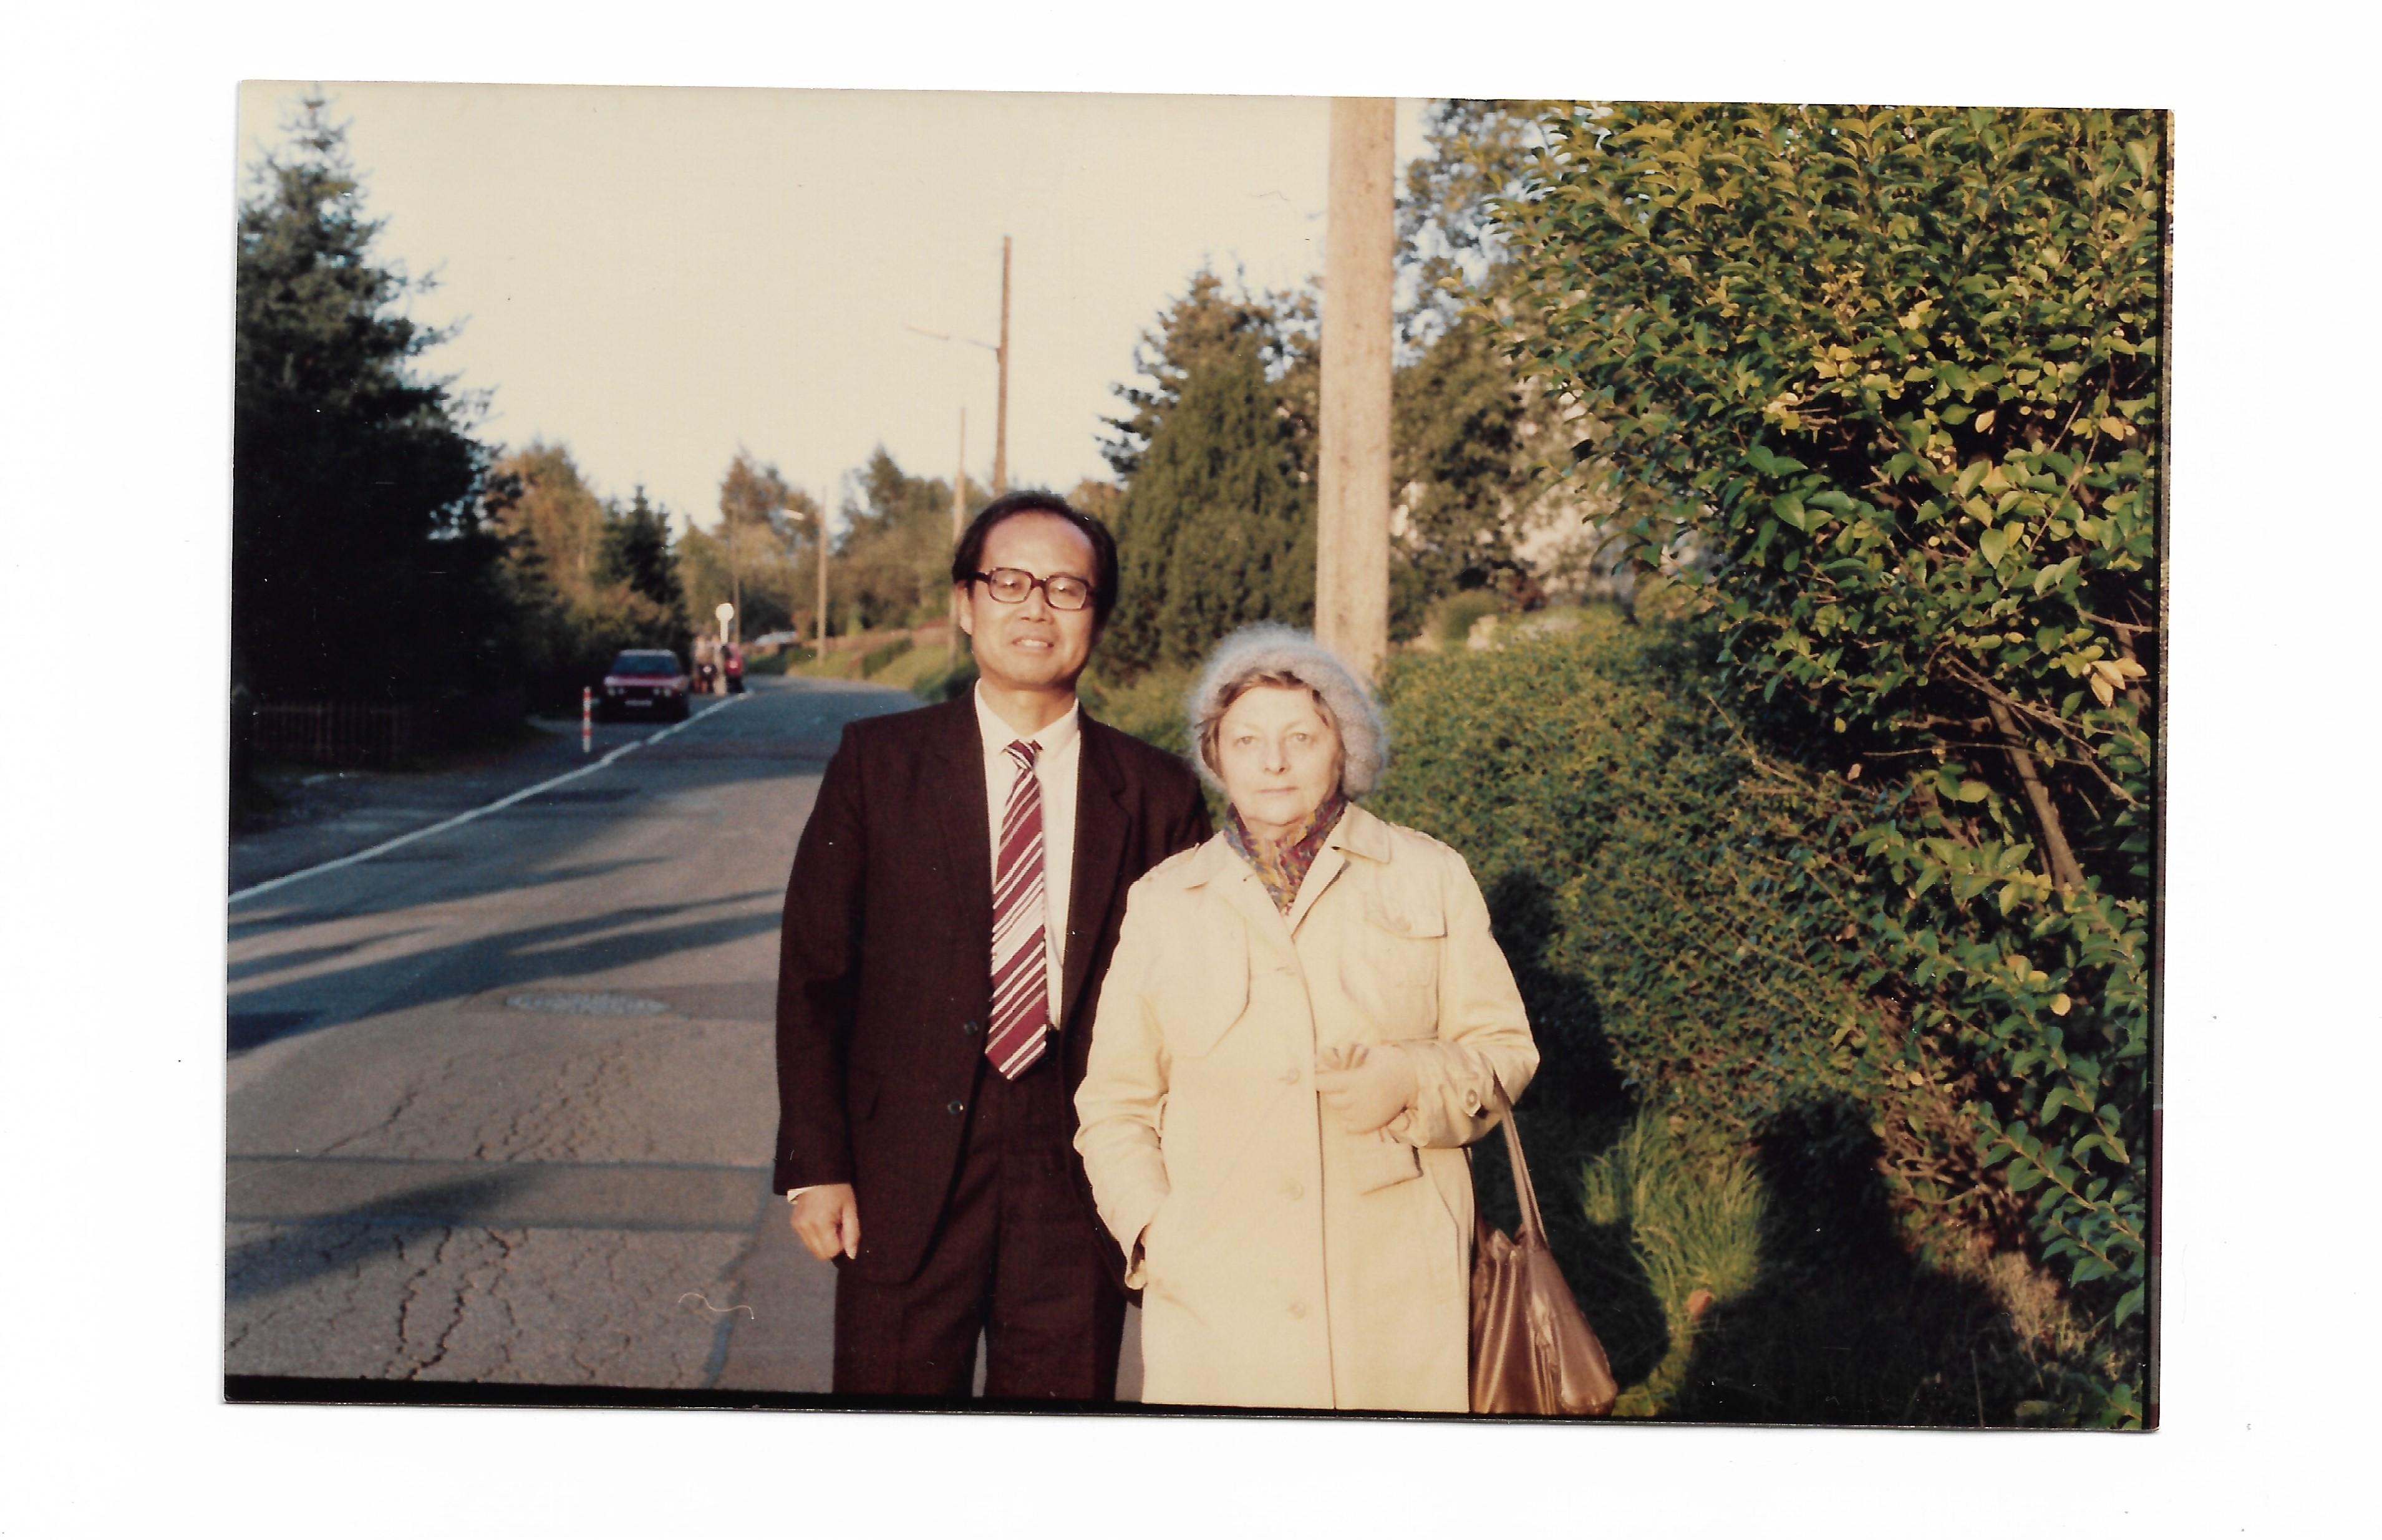 郑异凡与古尔维奇-布哈林娜在恩格斯的故乡!致中国读者的前言。德国伍珀塔尔留影,1988年10月